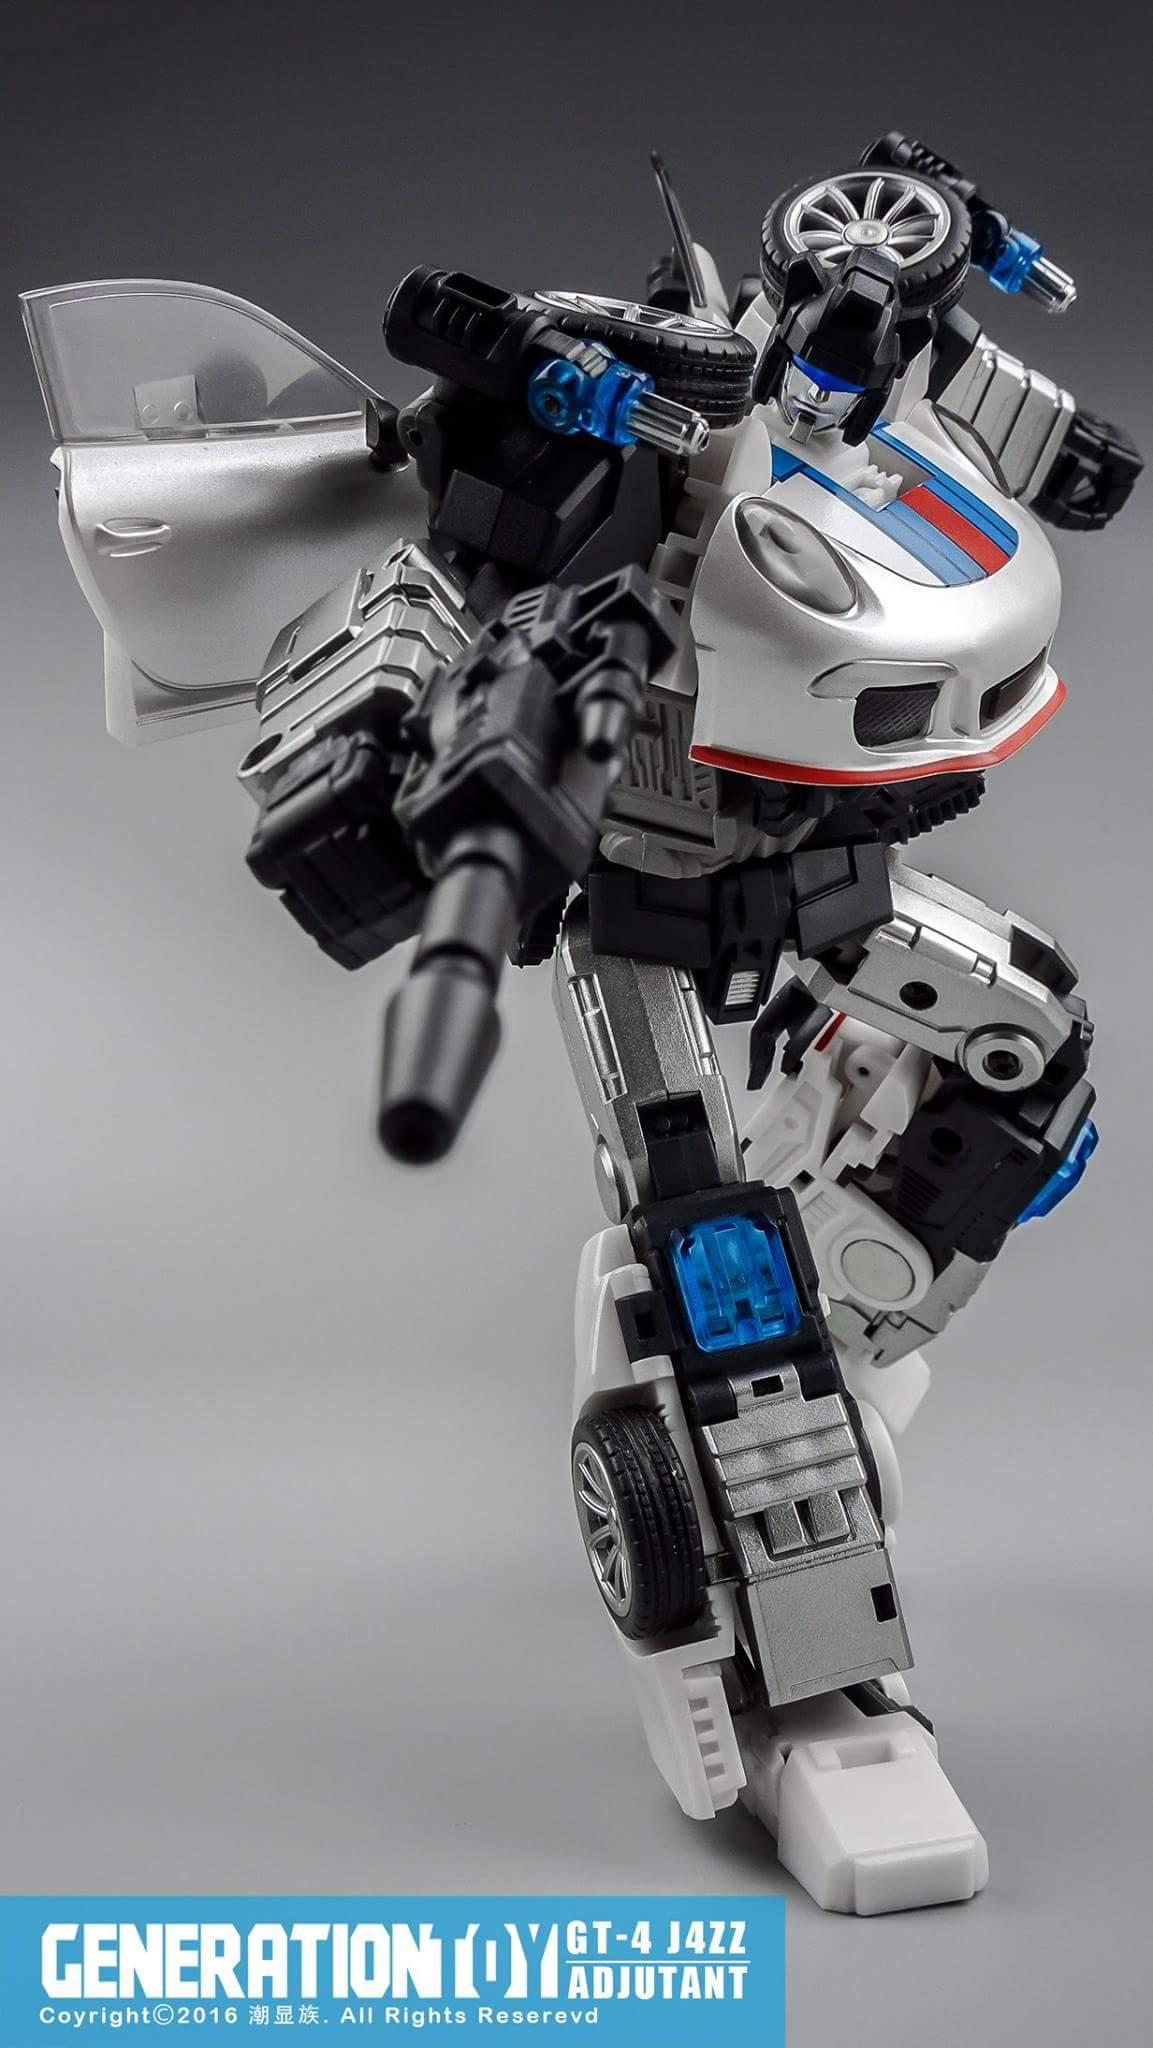 [Generation Toy] Produit Tiers - Jouets TF de la Gamme GT - des BD TF d'IDW HVmwDcE2